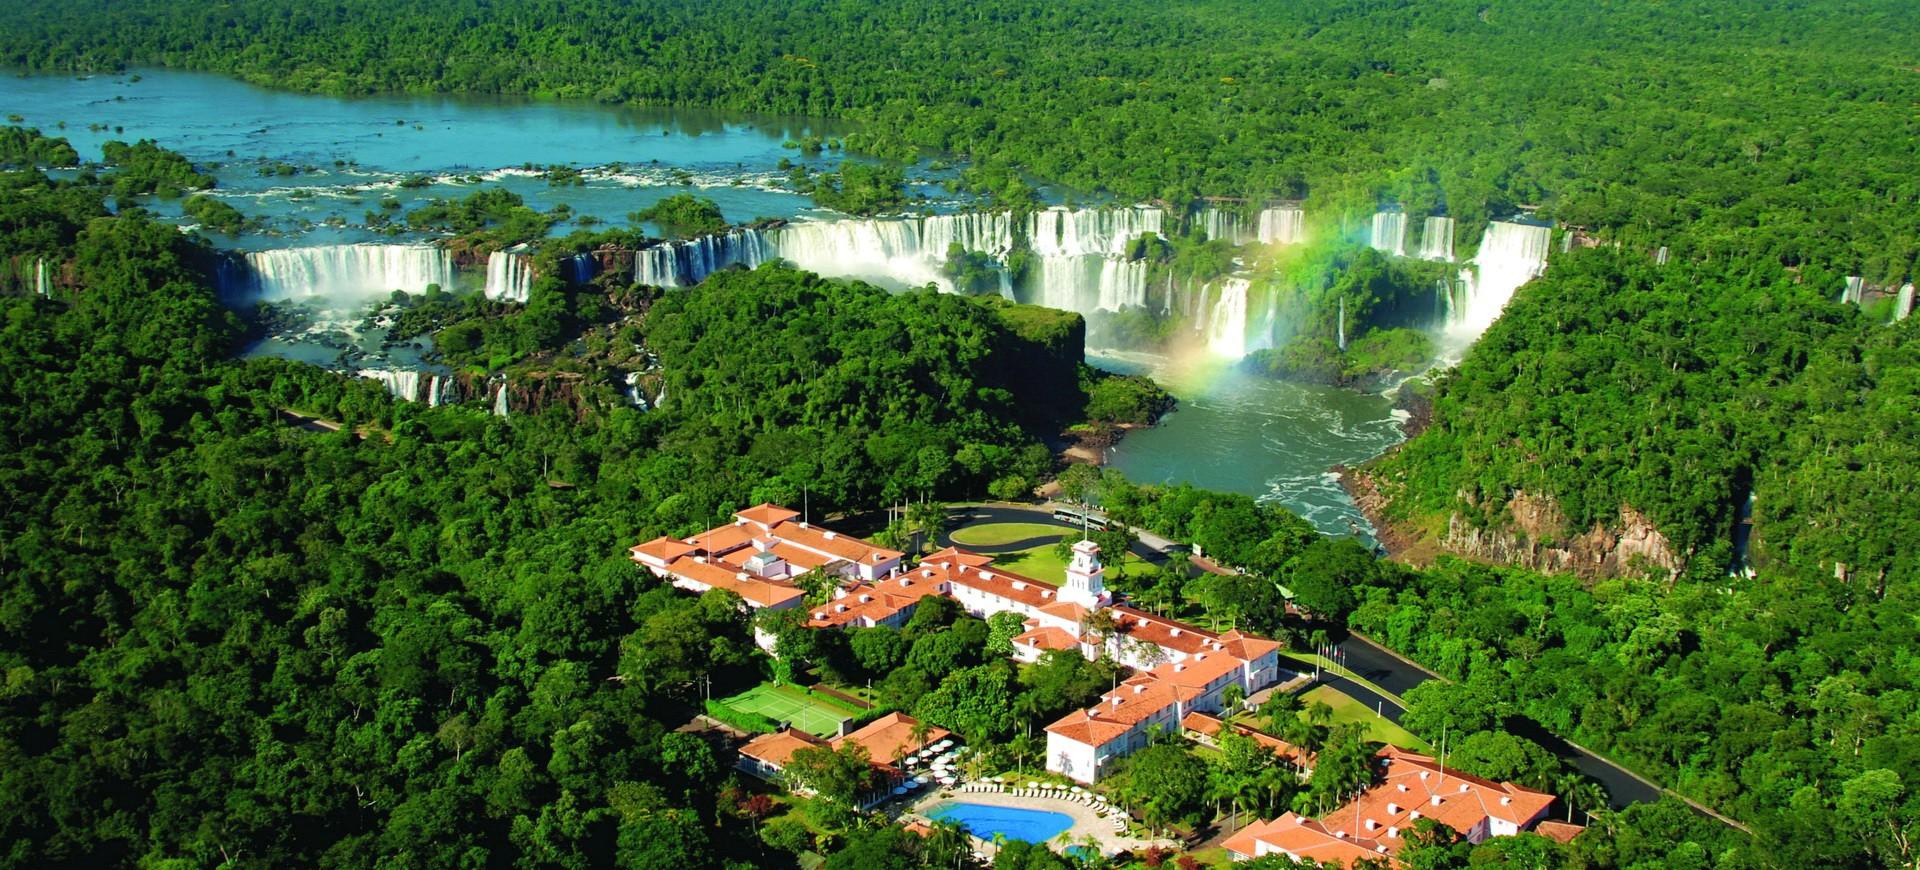 Argentine Iguacu Chutes coté Brésilien